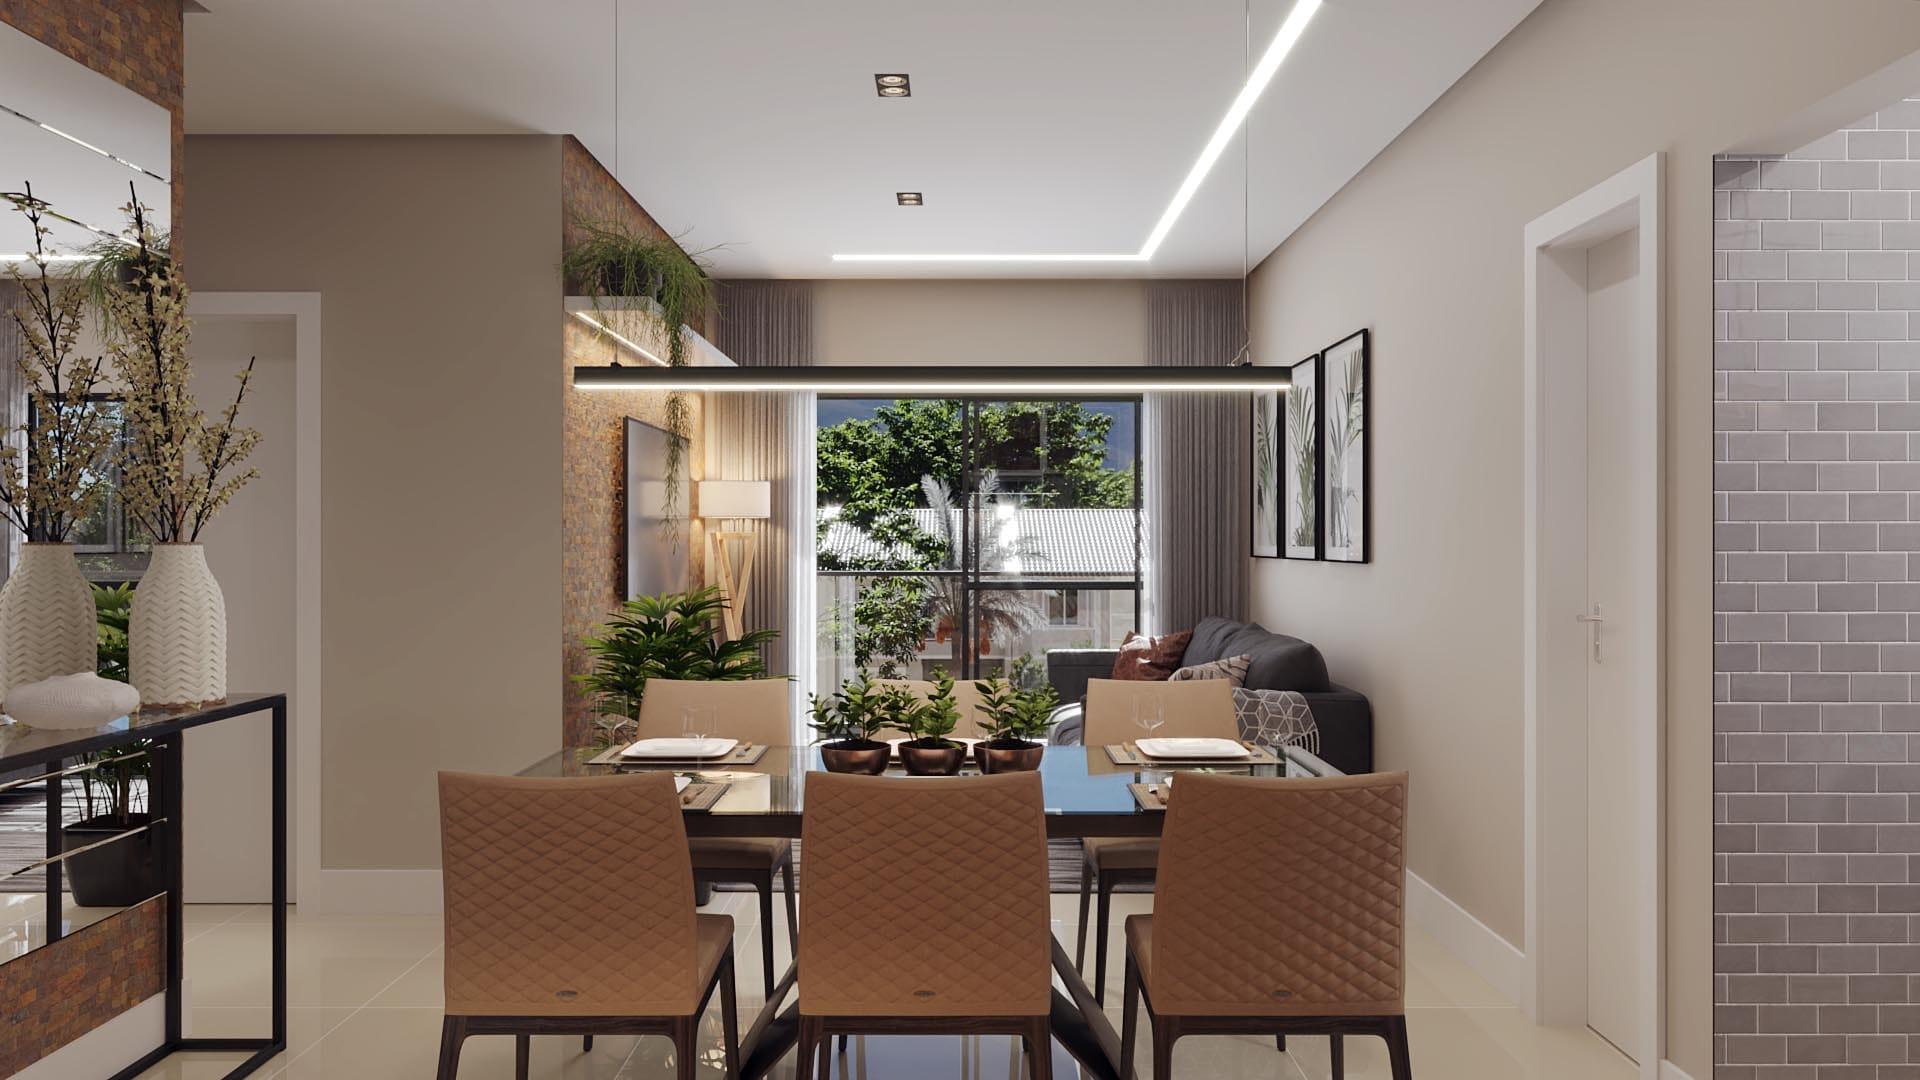 https://static.arboimoveis.com.br/AP0552_AMEX/apartamentoavendacaiobamatinhospr_1613429218212.jpg